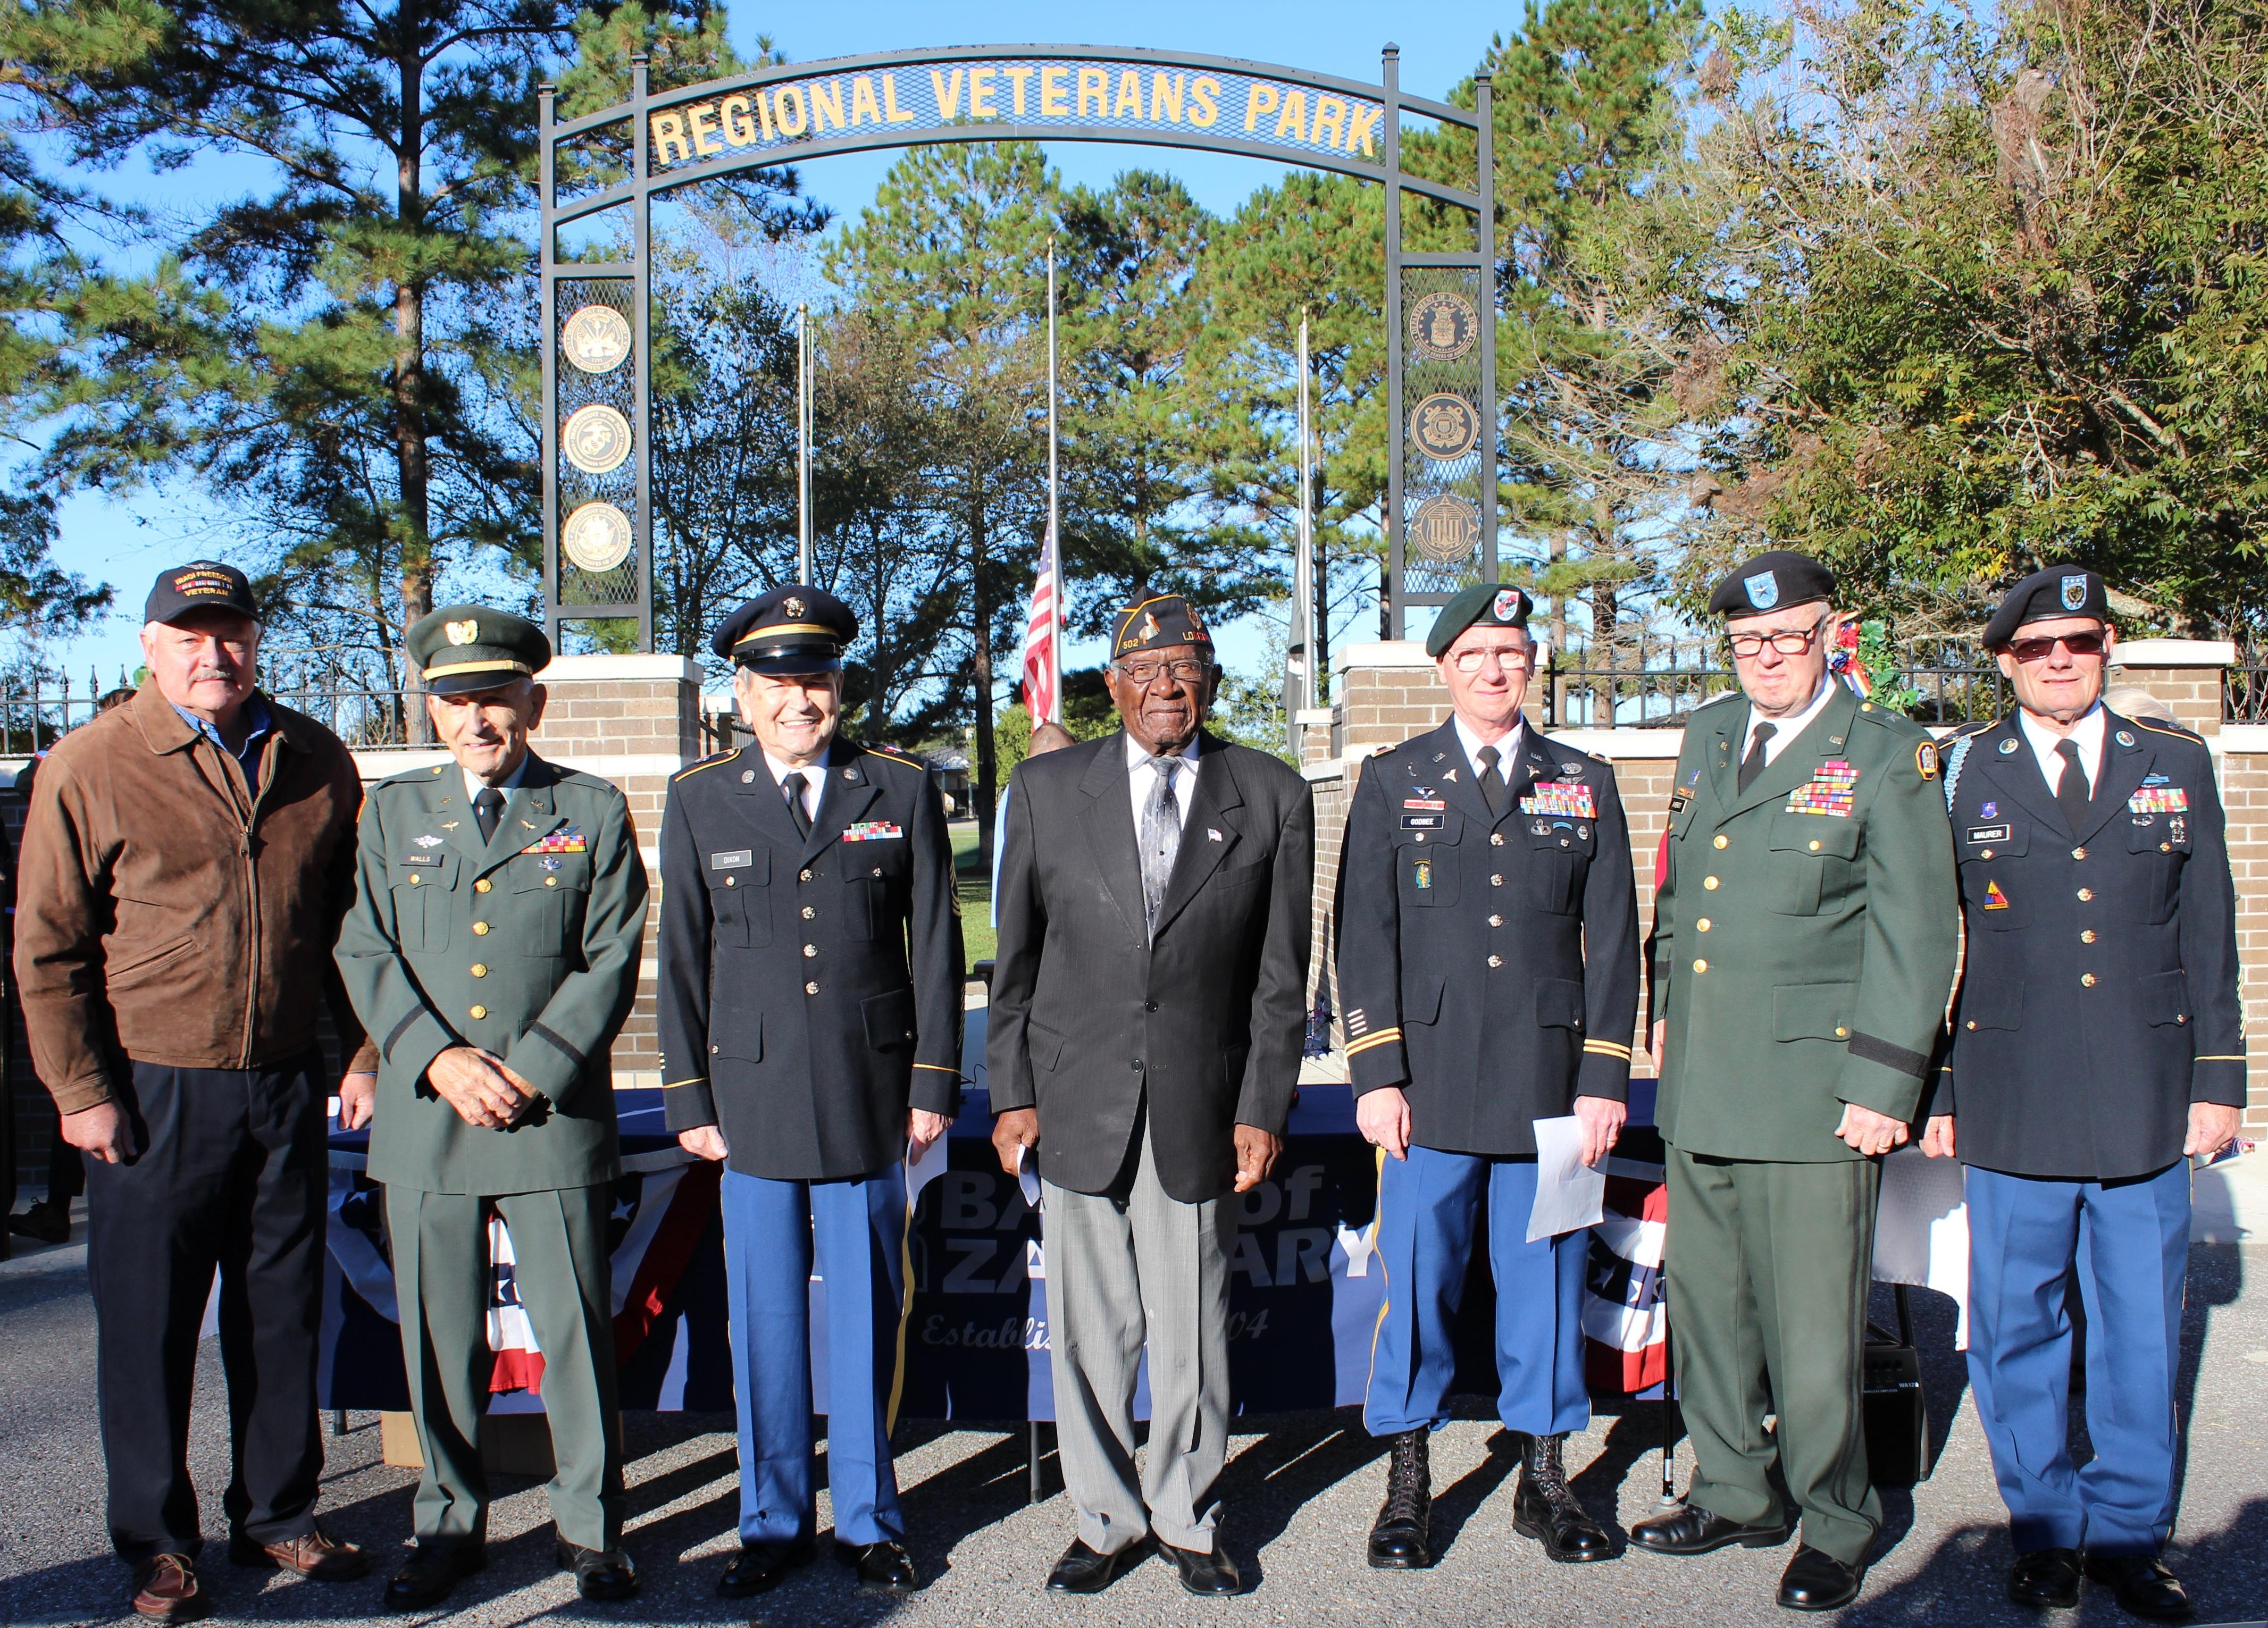 Annual Veterans Day Program Set for Wednesday, November 11th